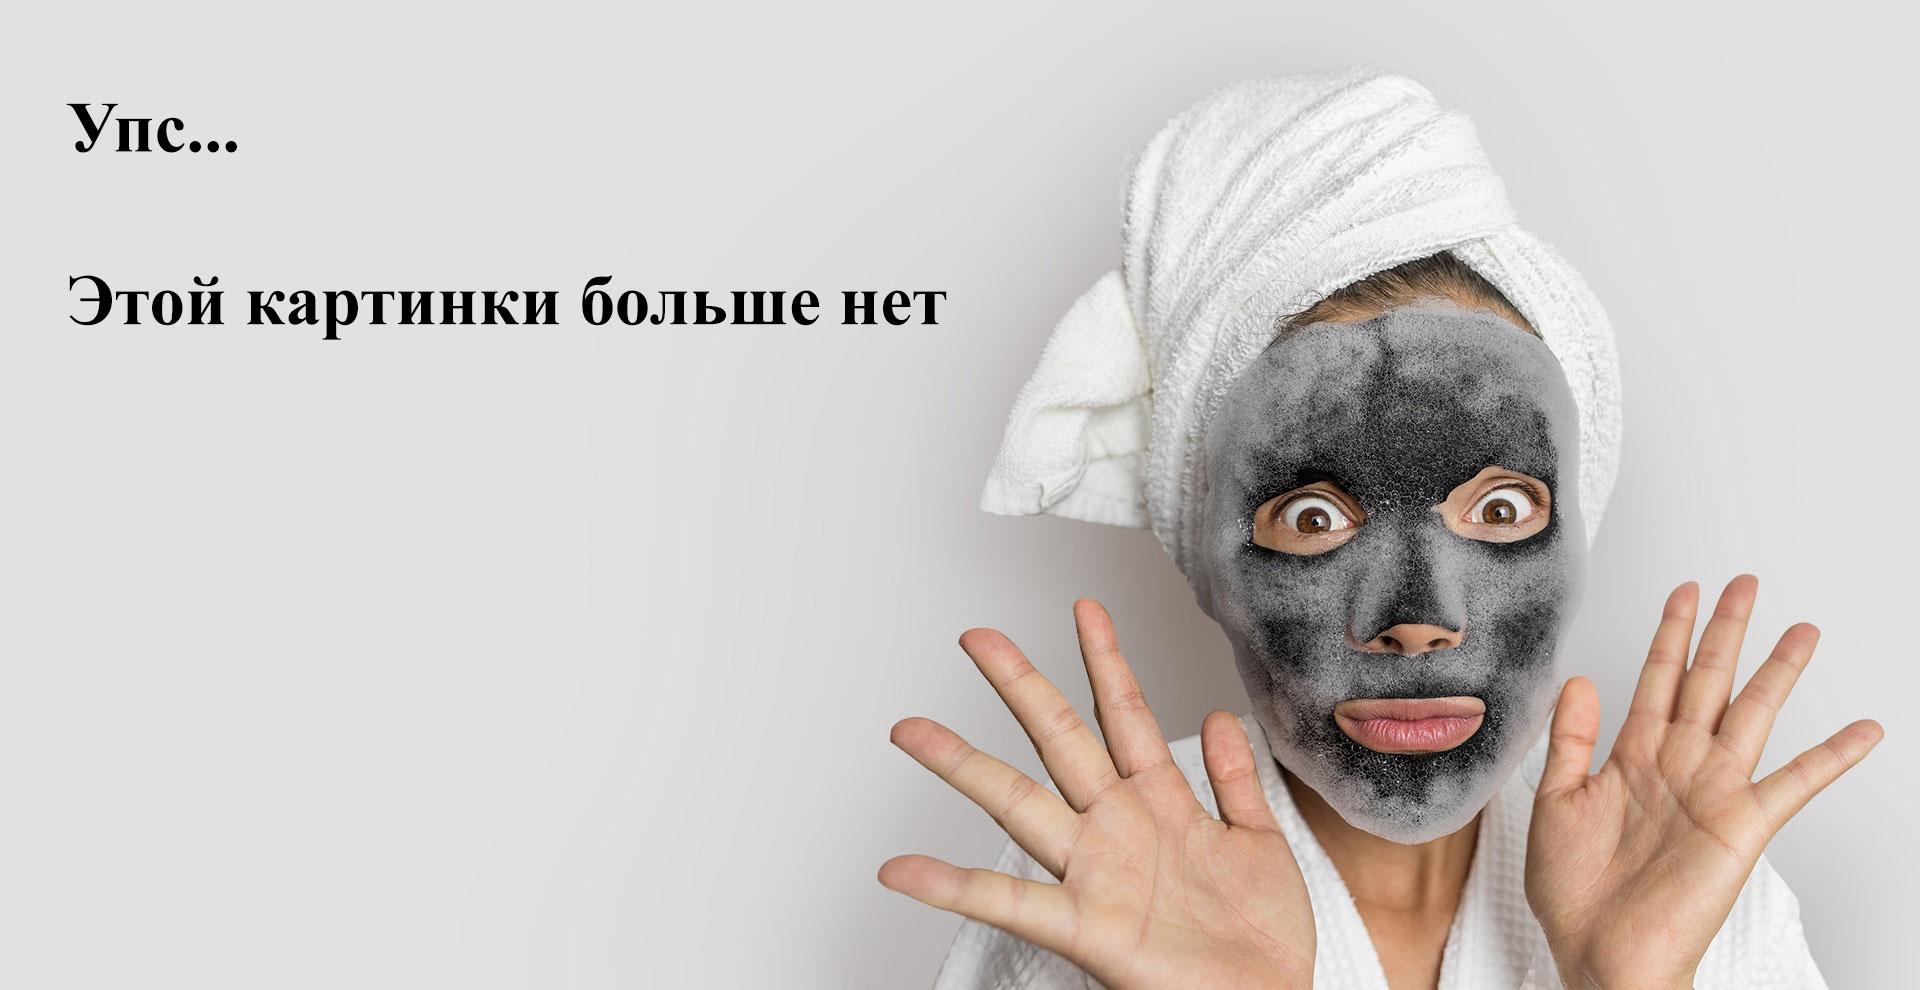 INVIT, Крем для ног с экстрактом пиявки Polza, 100 мл